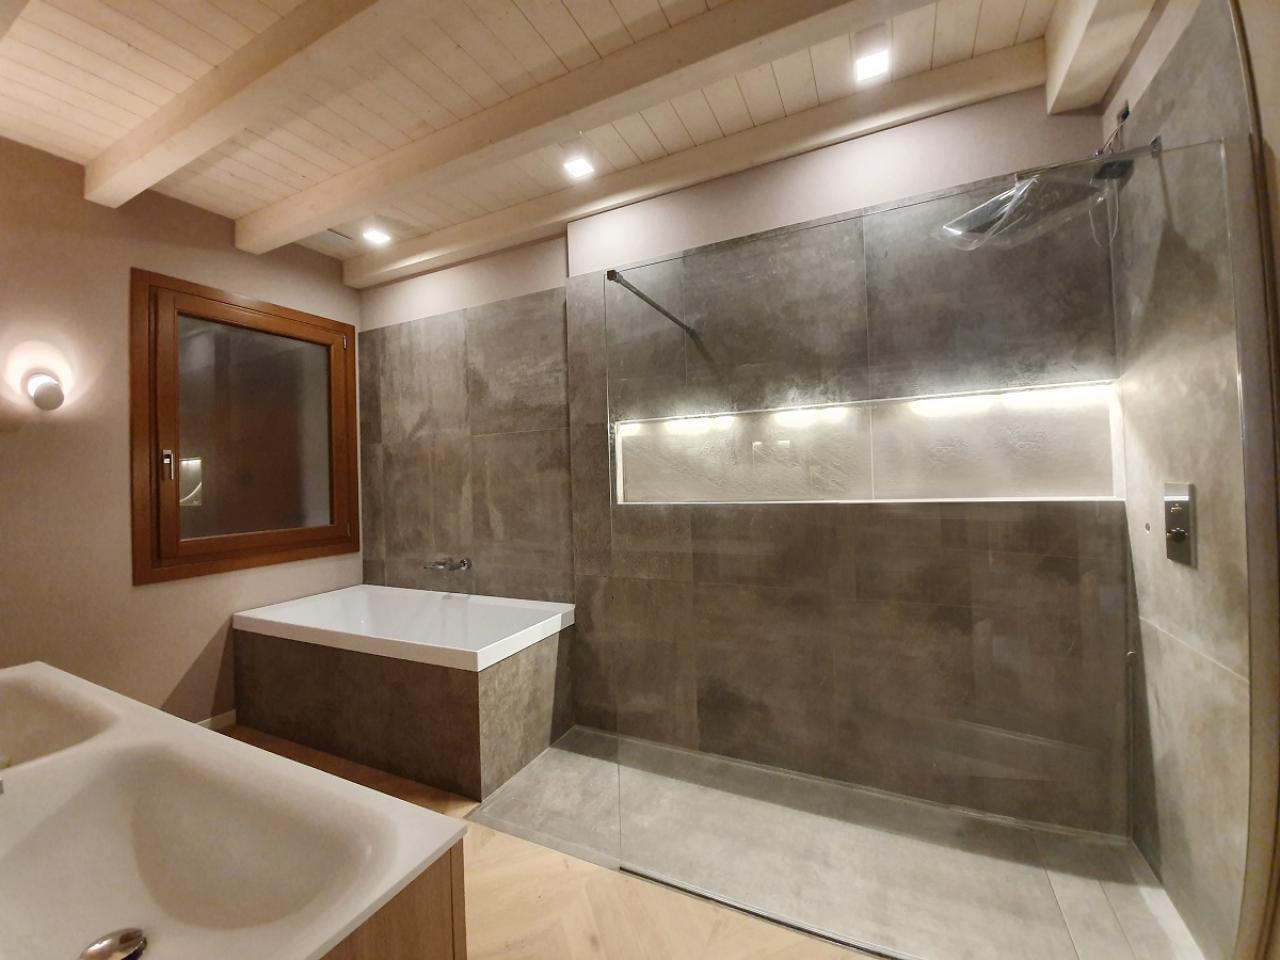 Arredo Bagno Con Parquet.Bagni Moderni E Pavimenti In Parquet A Lonigo Fratelli Pellizzari Vicenza Fratelli Pellizzari